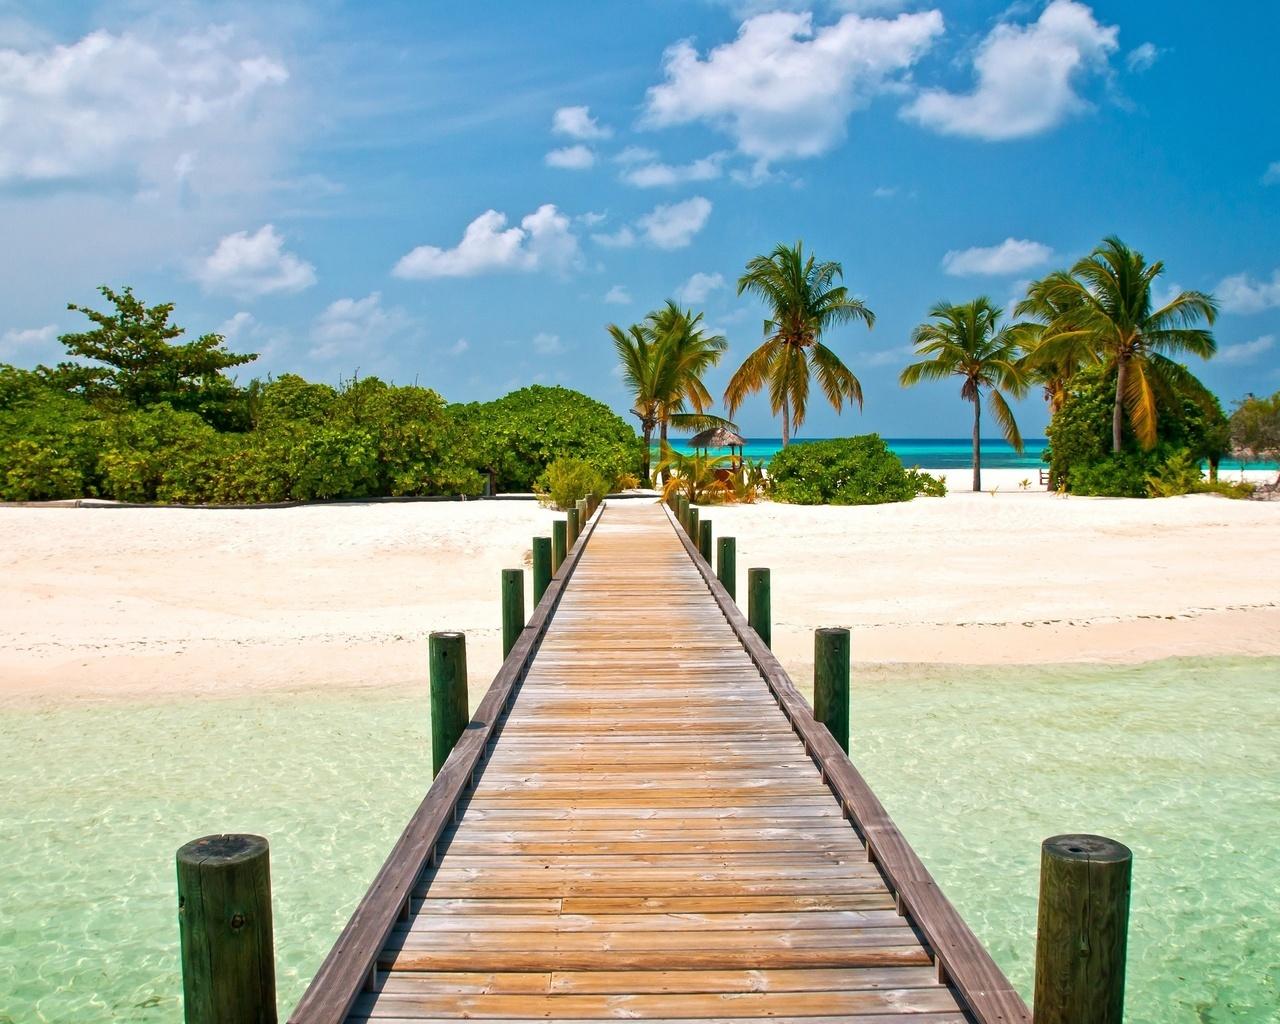 14395 скачать обои Мосты, Пейзаж, Пляж, Пальмы, Лето - заставки и картинки бесплатно